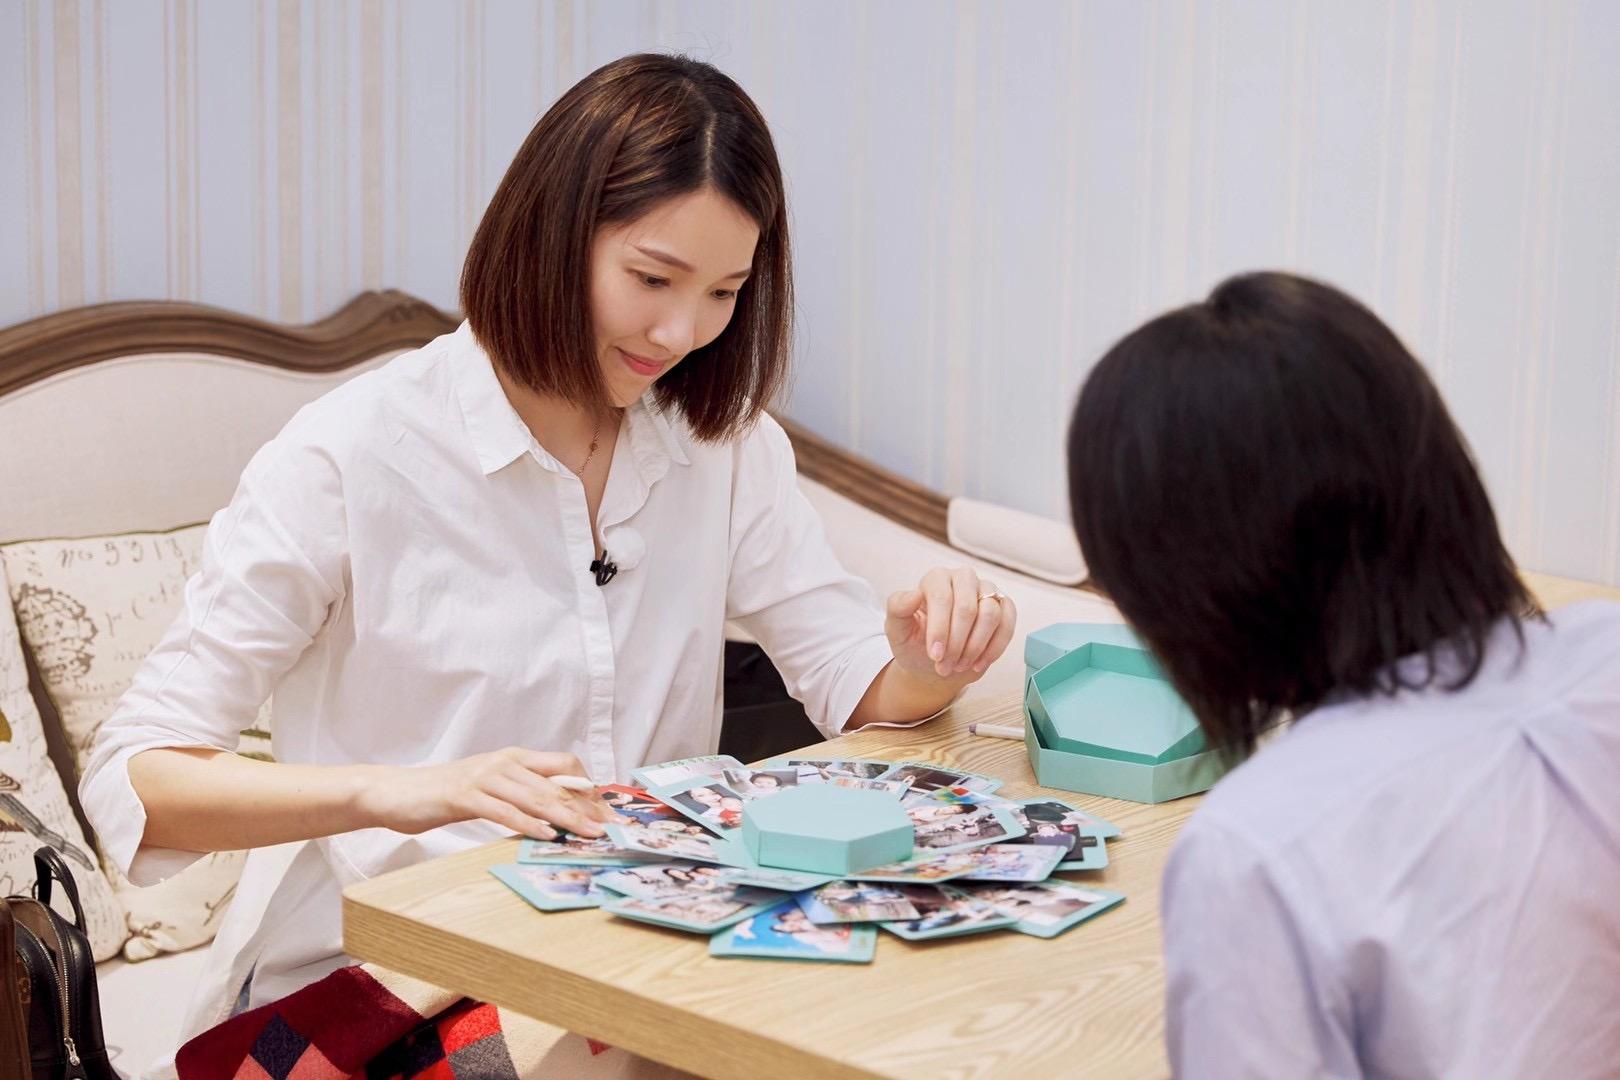 《做家务的男人》王卓林和他的妻子寻找童年记忆 创作了一幅全家福